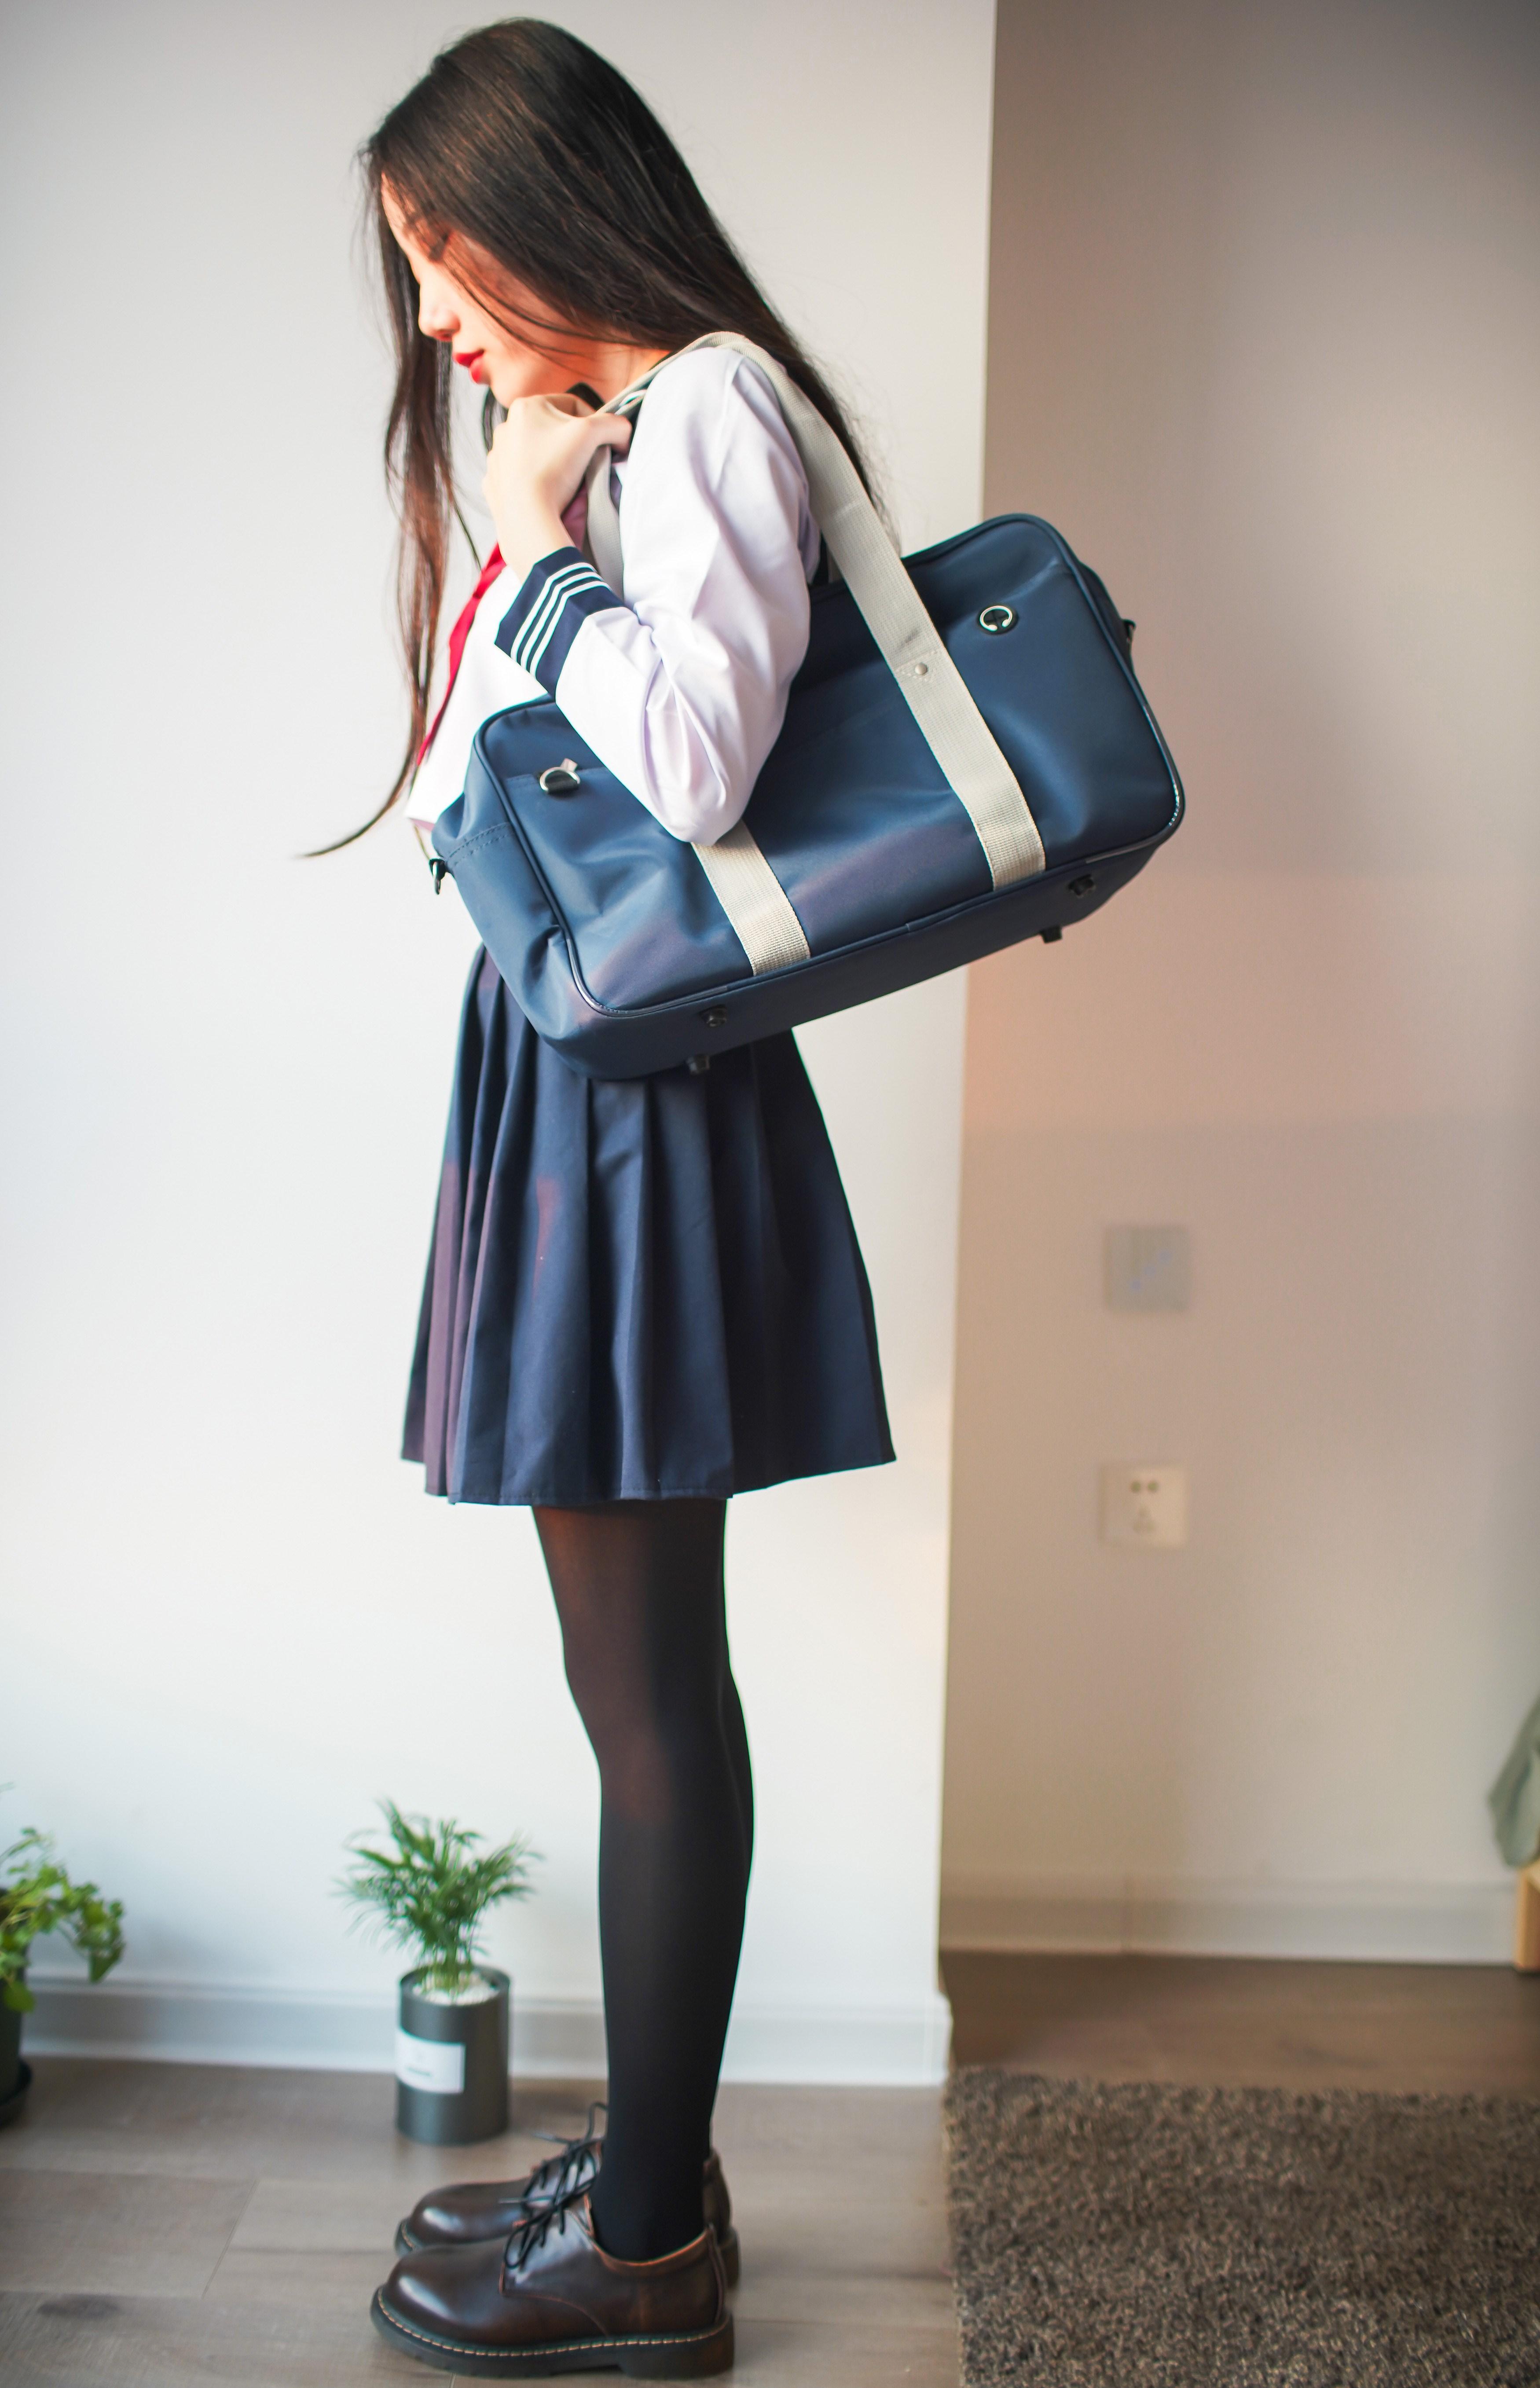 【兔玩映画】牛奶JK连裤袜 兔玩映画 第12张